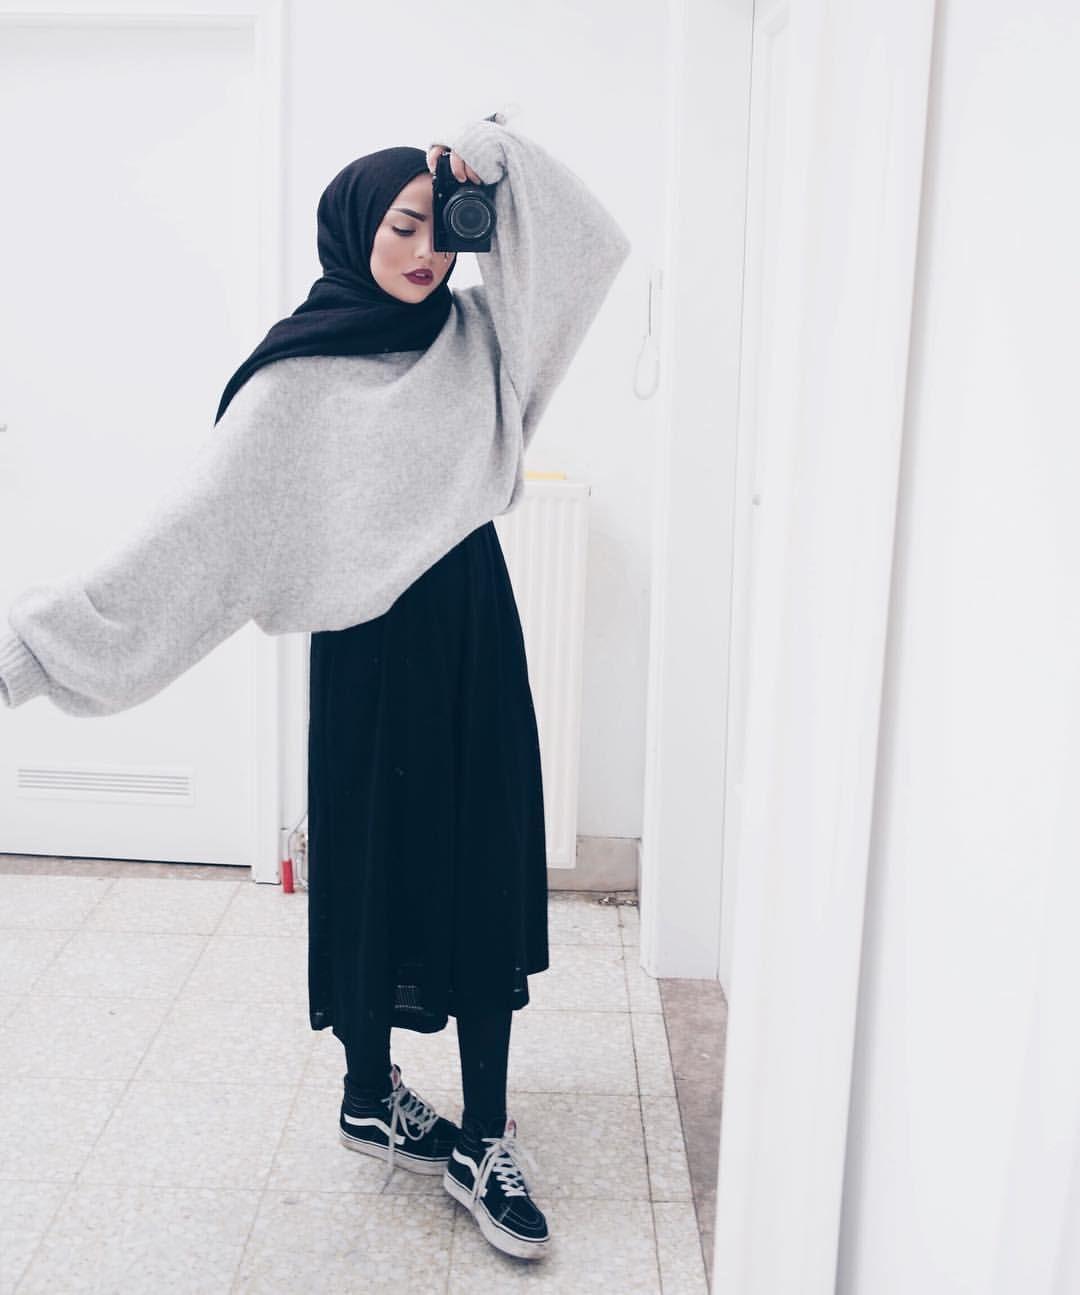 hijab fashion @sauf.etc on instagram- hijab style inspiration casual WFNRWJK